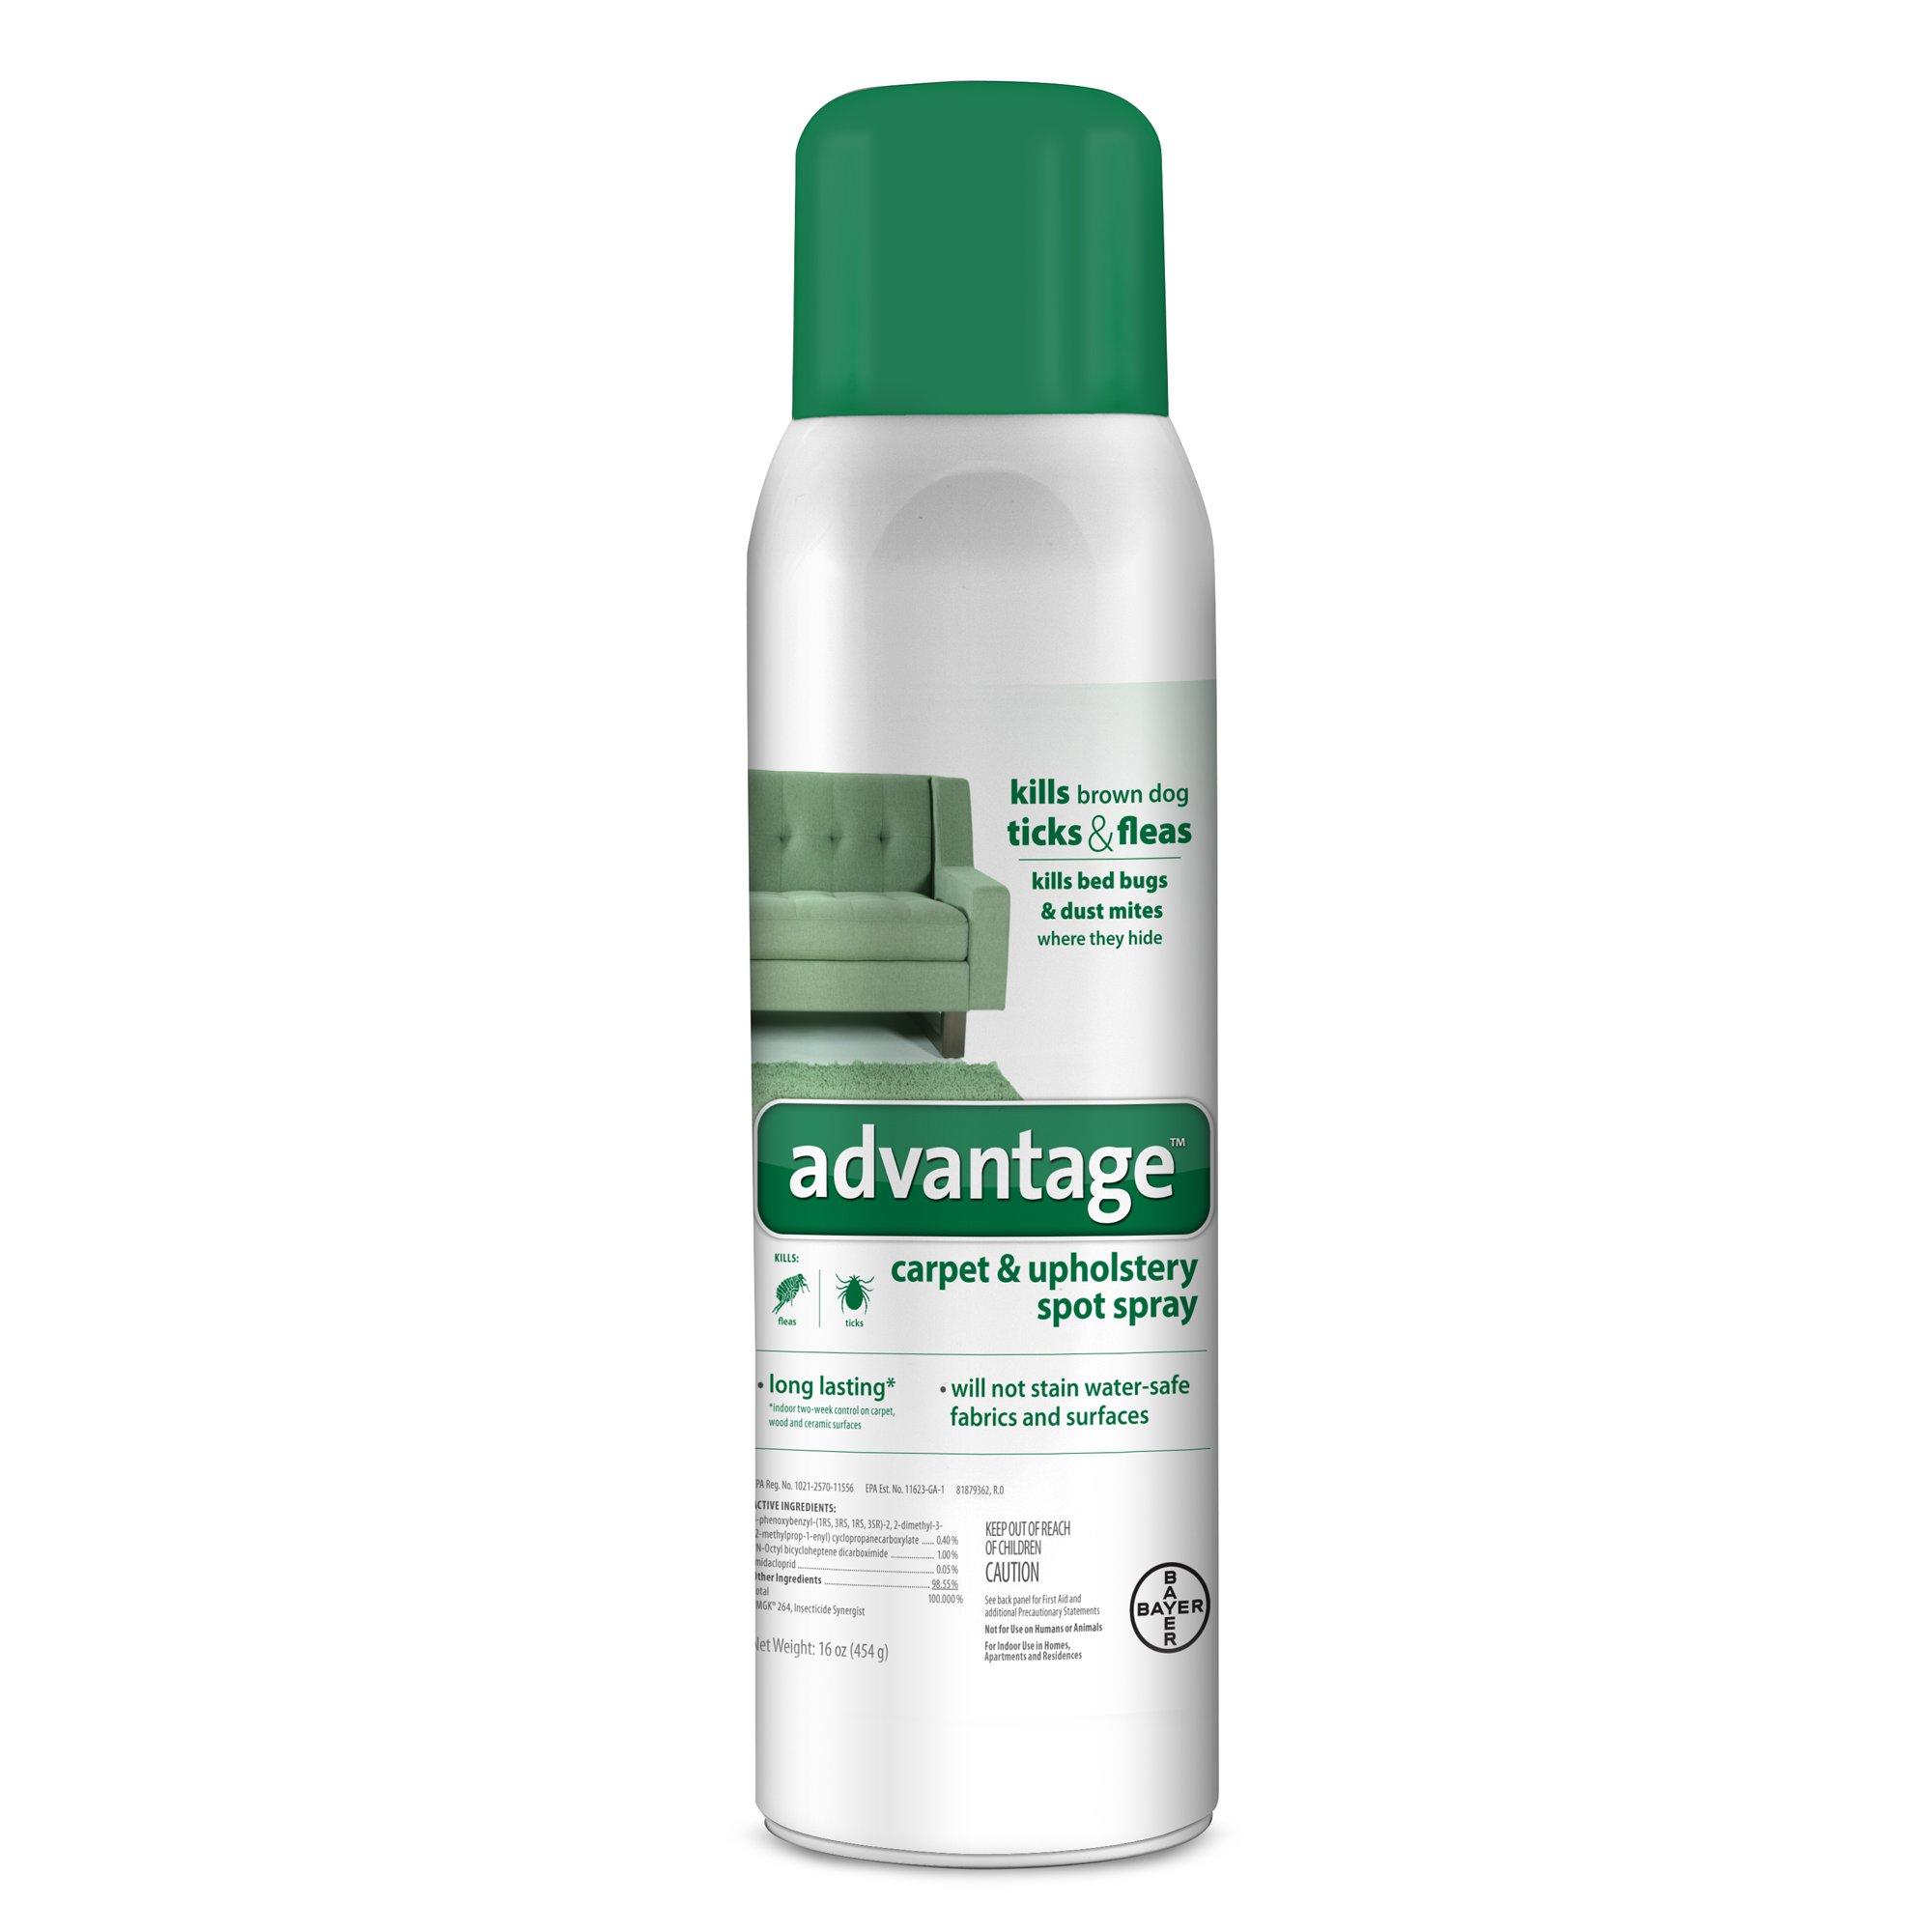 Advantage Carpet & Upholstery Spot Spray